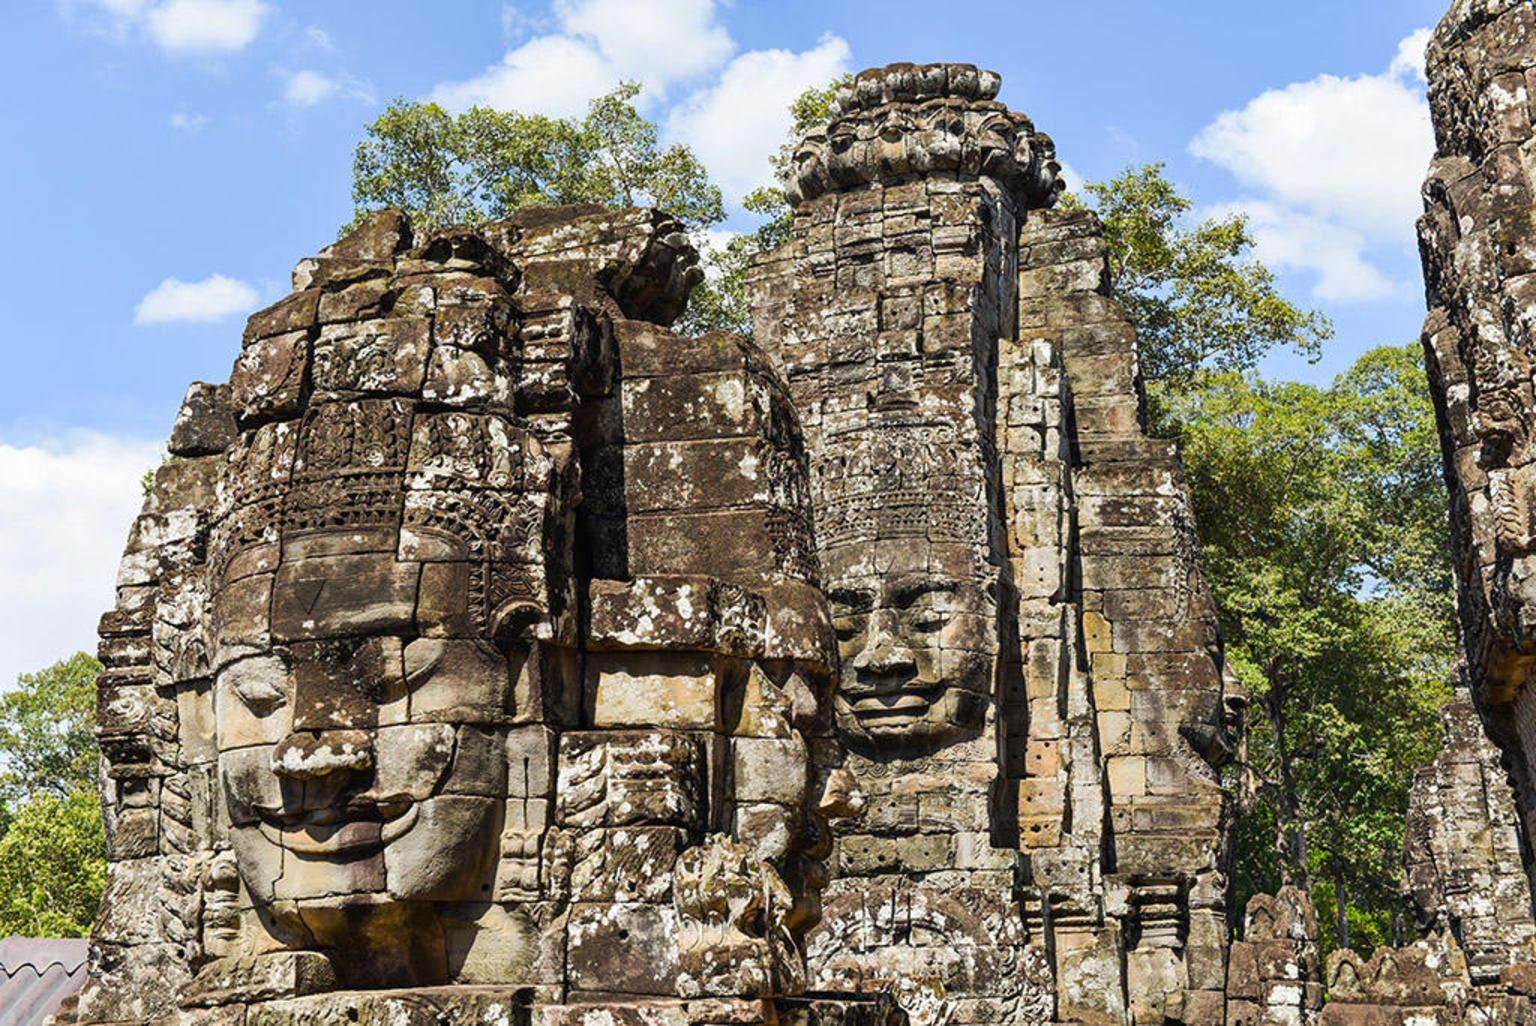 MÁS FOTOS, Excursión para grupos pequeños a los templos de Angkor